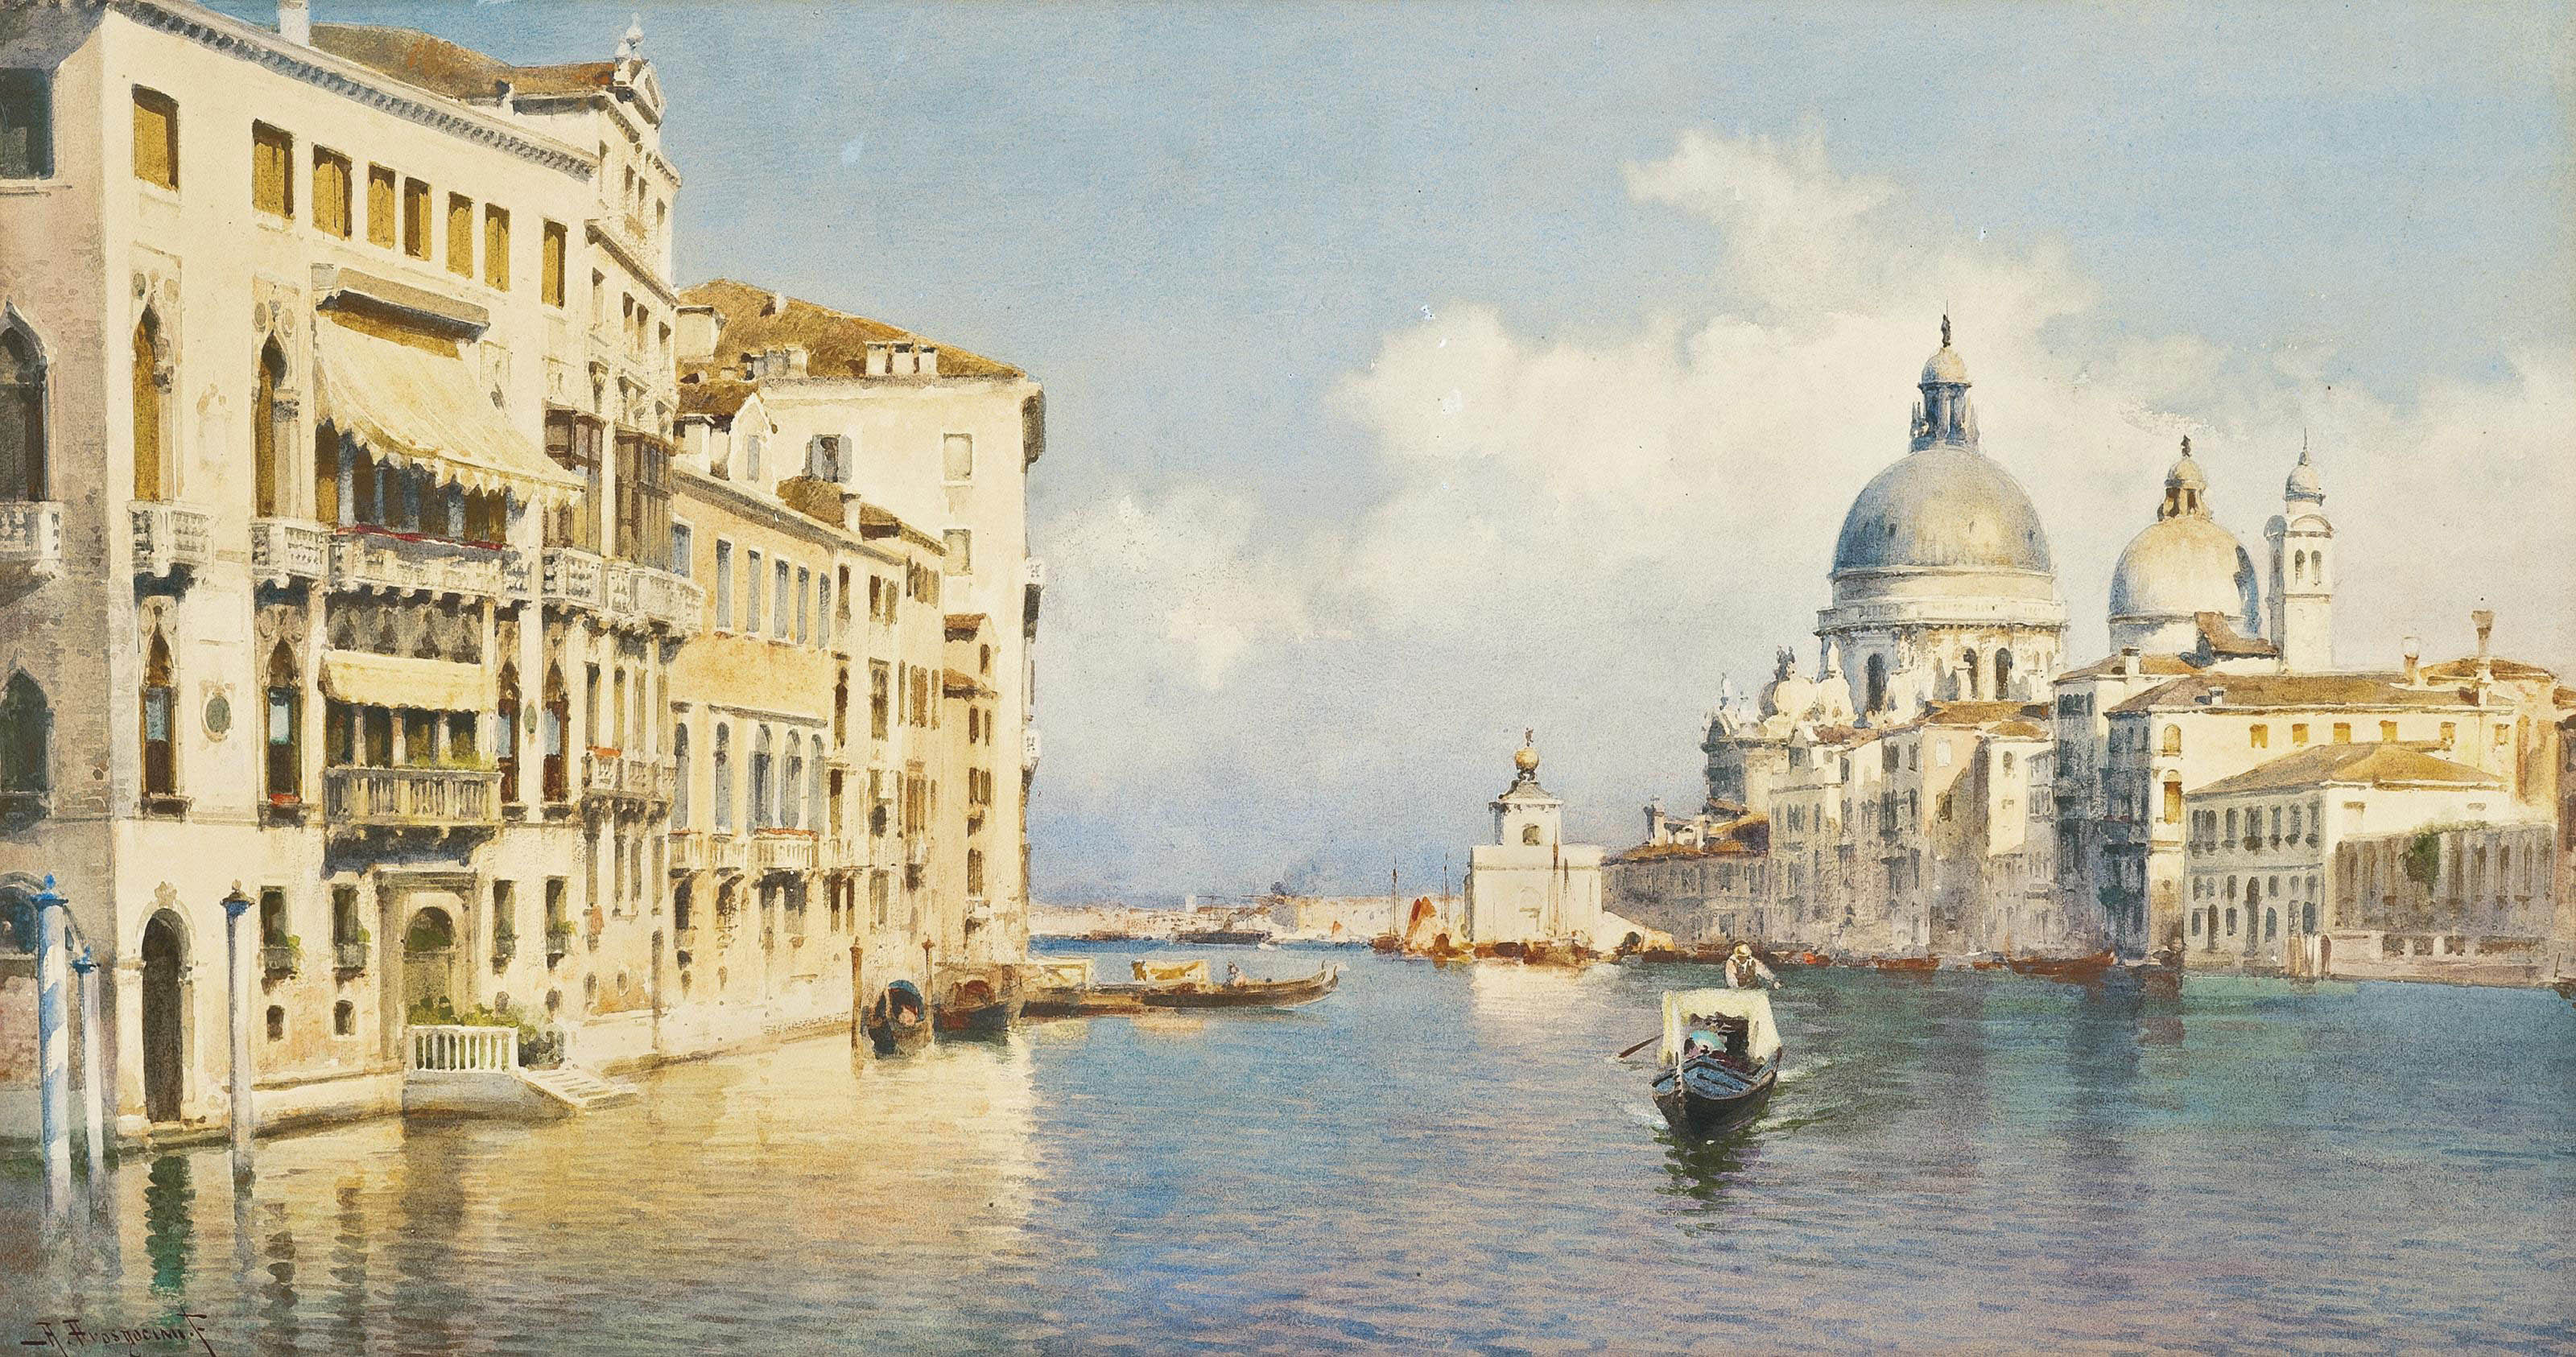 The Grand Canal before Santa Maria della Salute